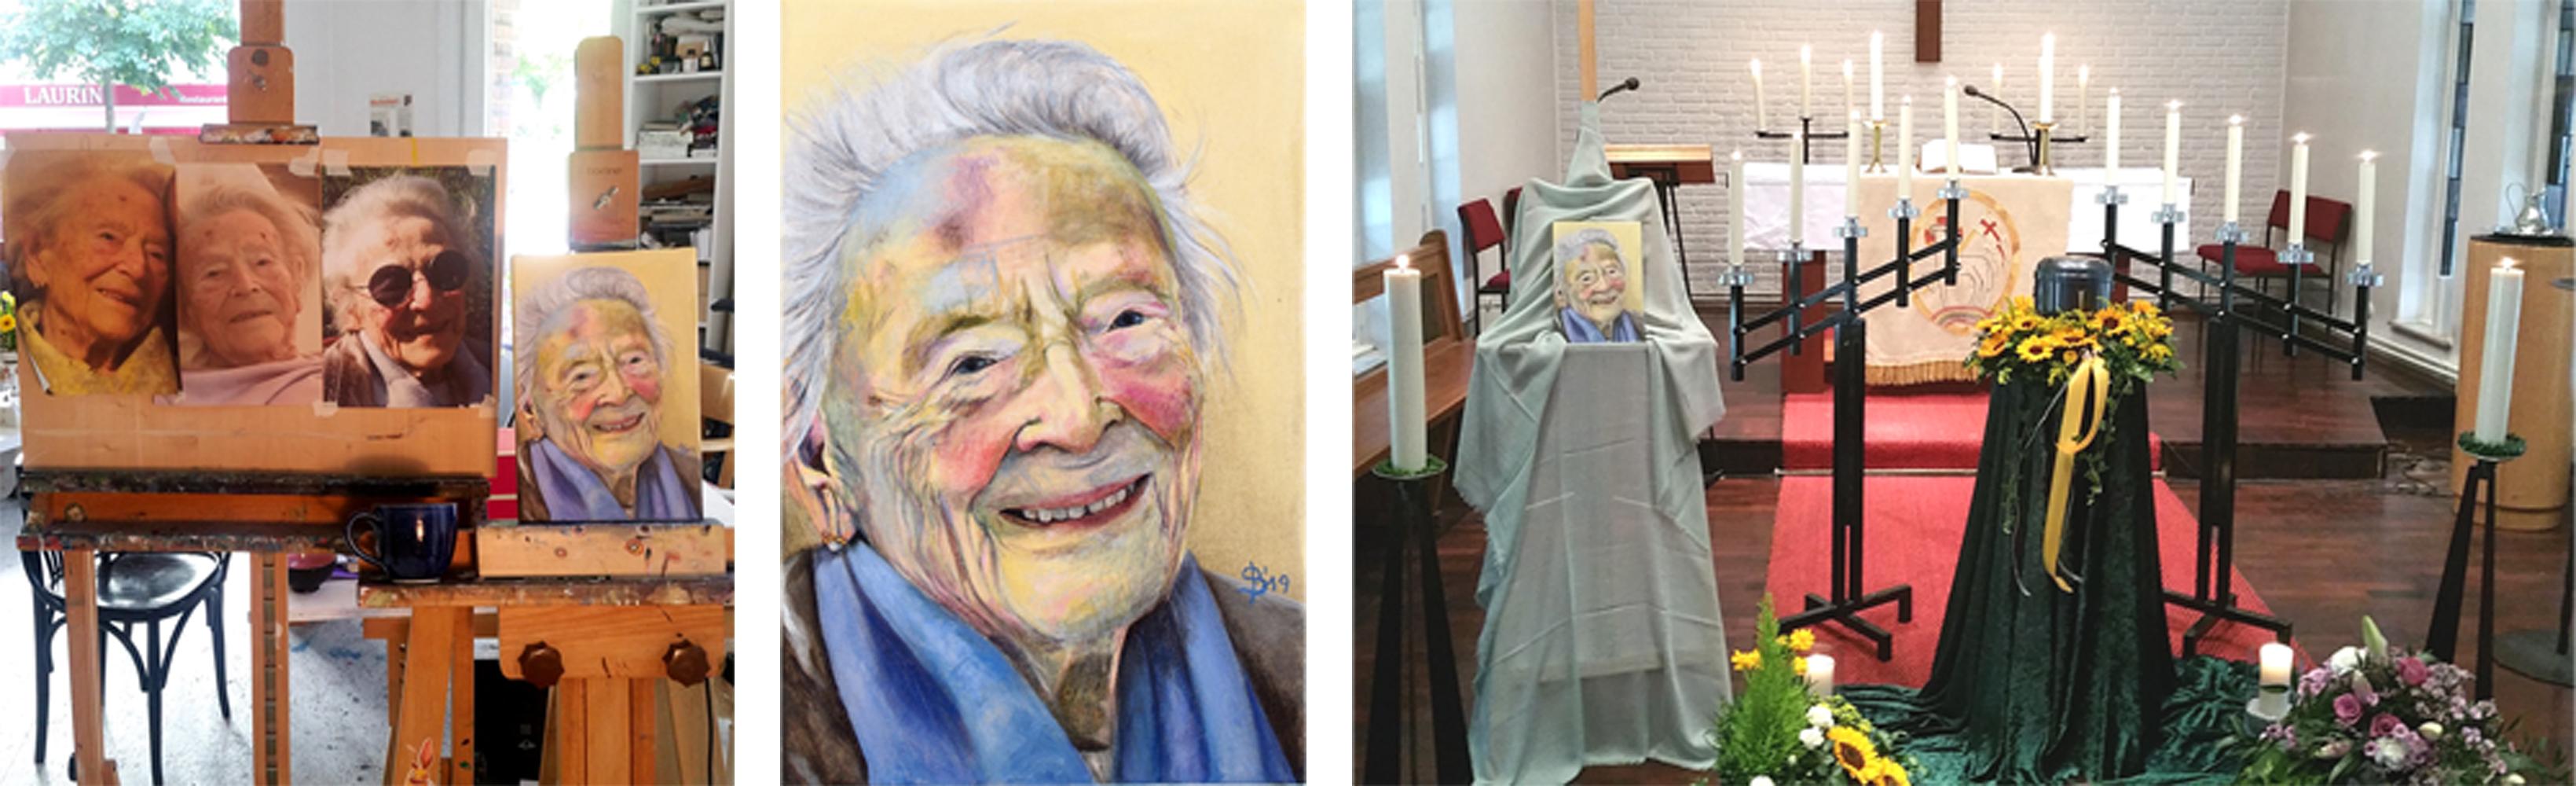 Gemälde mit Vorlagen und auf der Trauerfeier neben der Urne